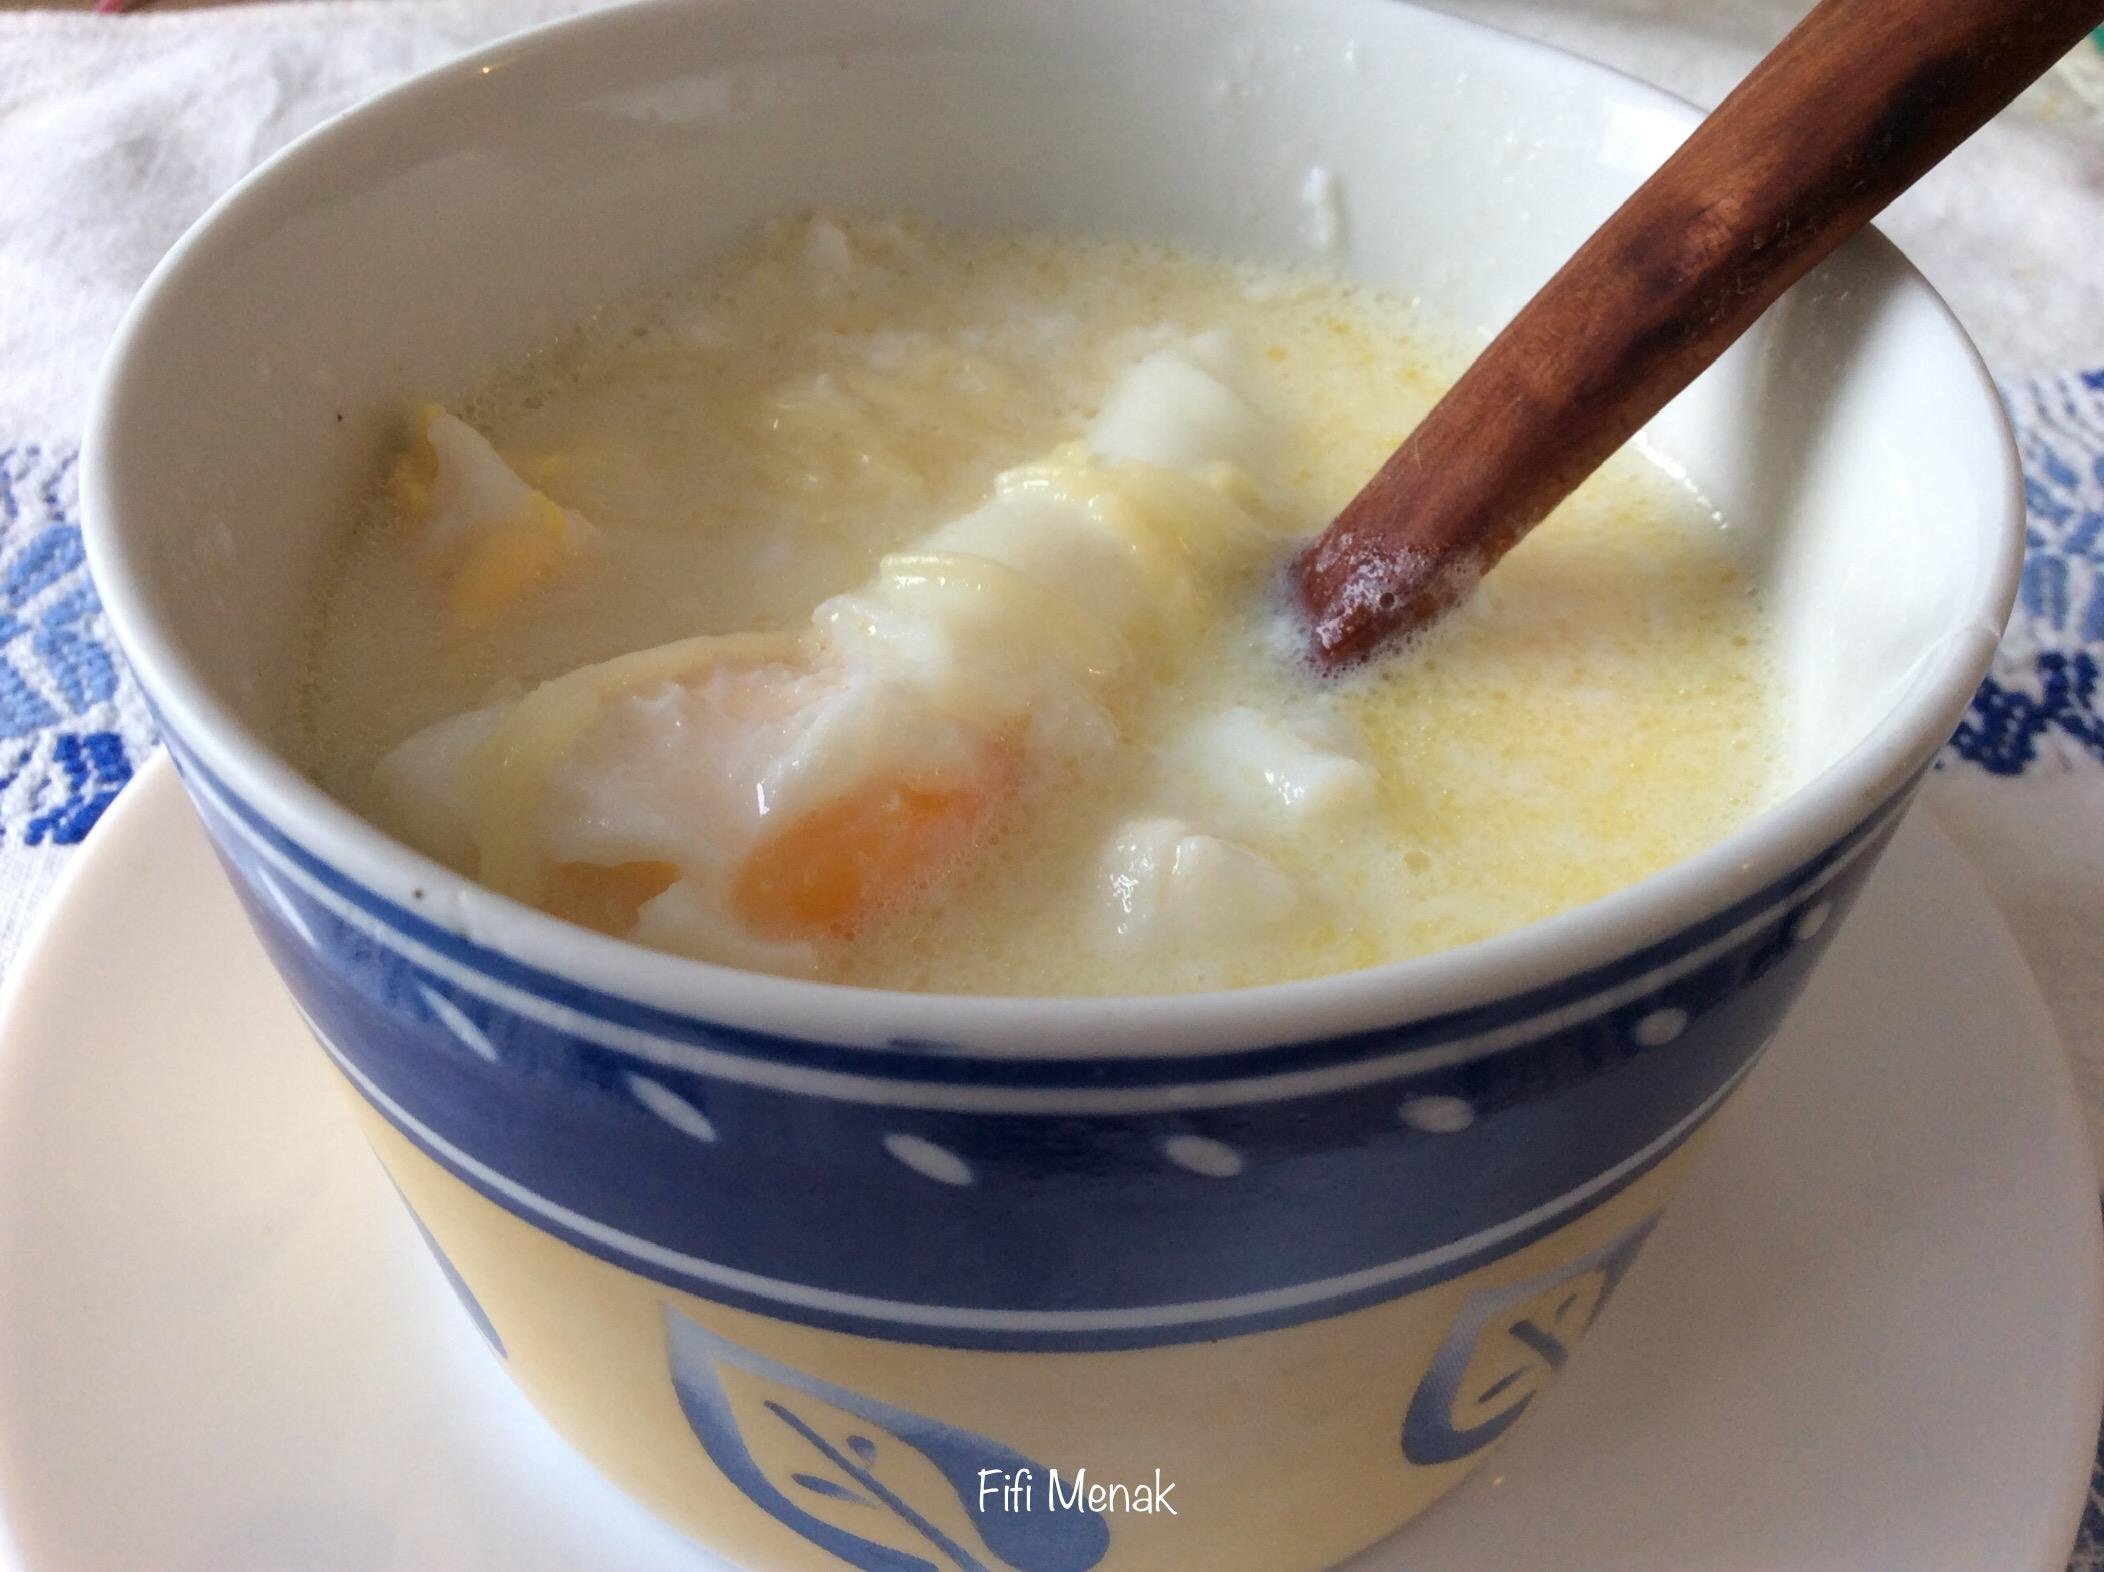 Vermicelles au lait (fdawech bel hlib)